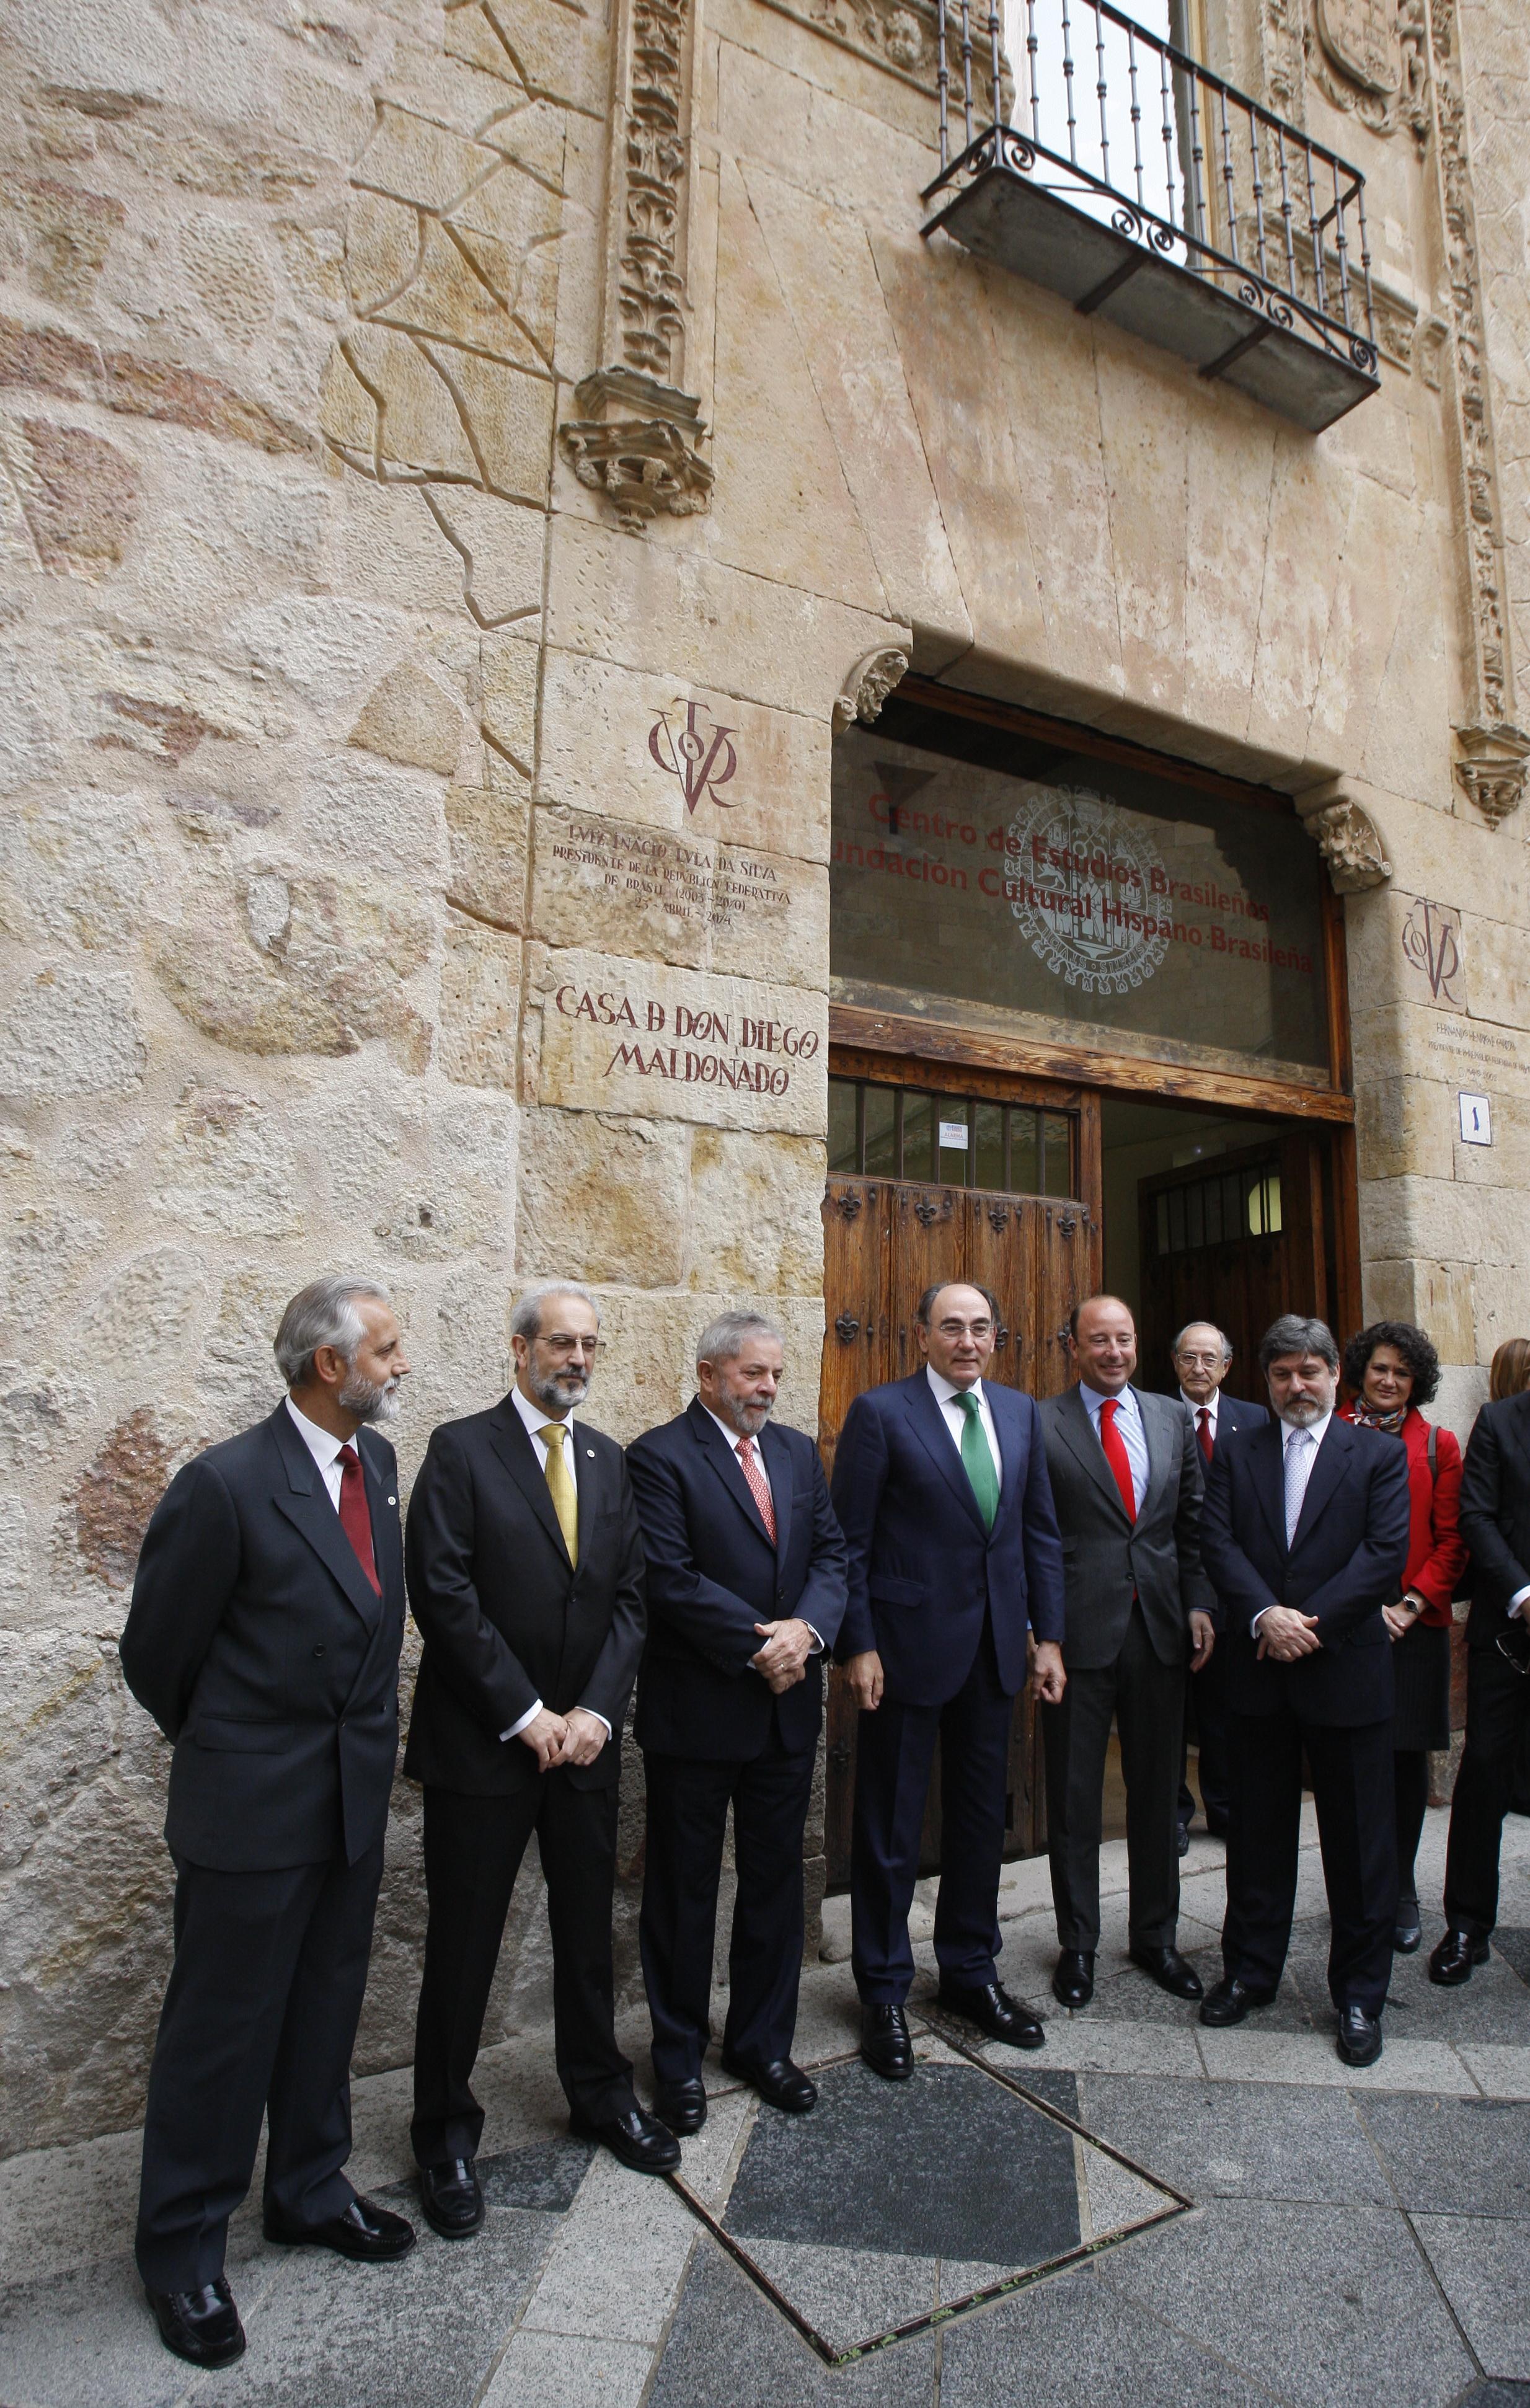 El Centro de Estudios Brasileños luce el vítor del expresidente Lula da Silva tras su investidura como doctor honoris causa por la Universidad de Salamanca